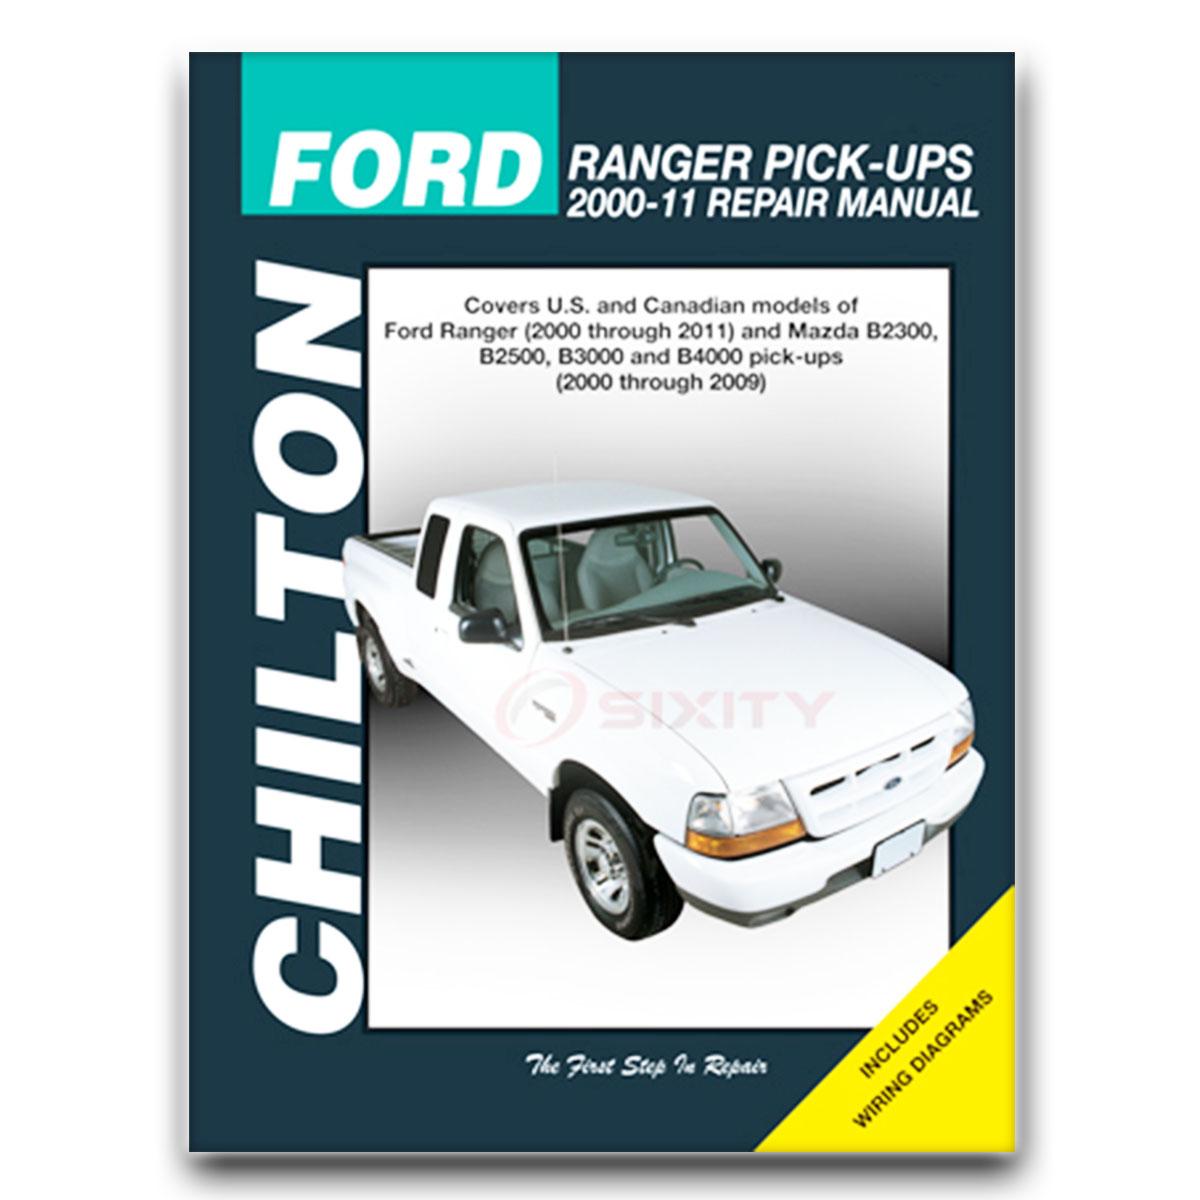 Mazda b4000 chilton repair manual troy lee se base ds shop service garage xj